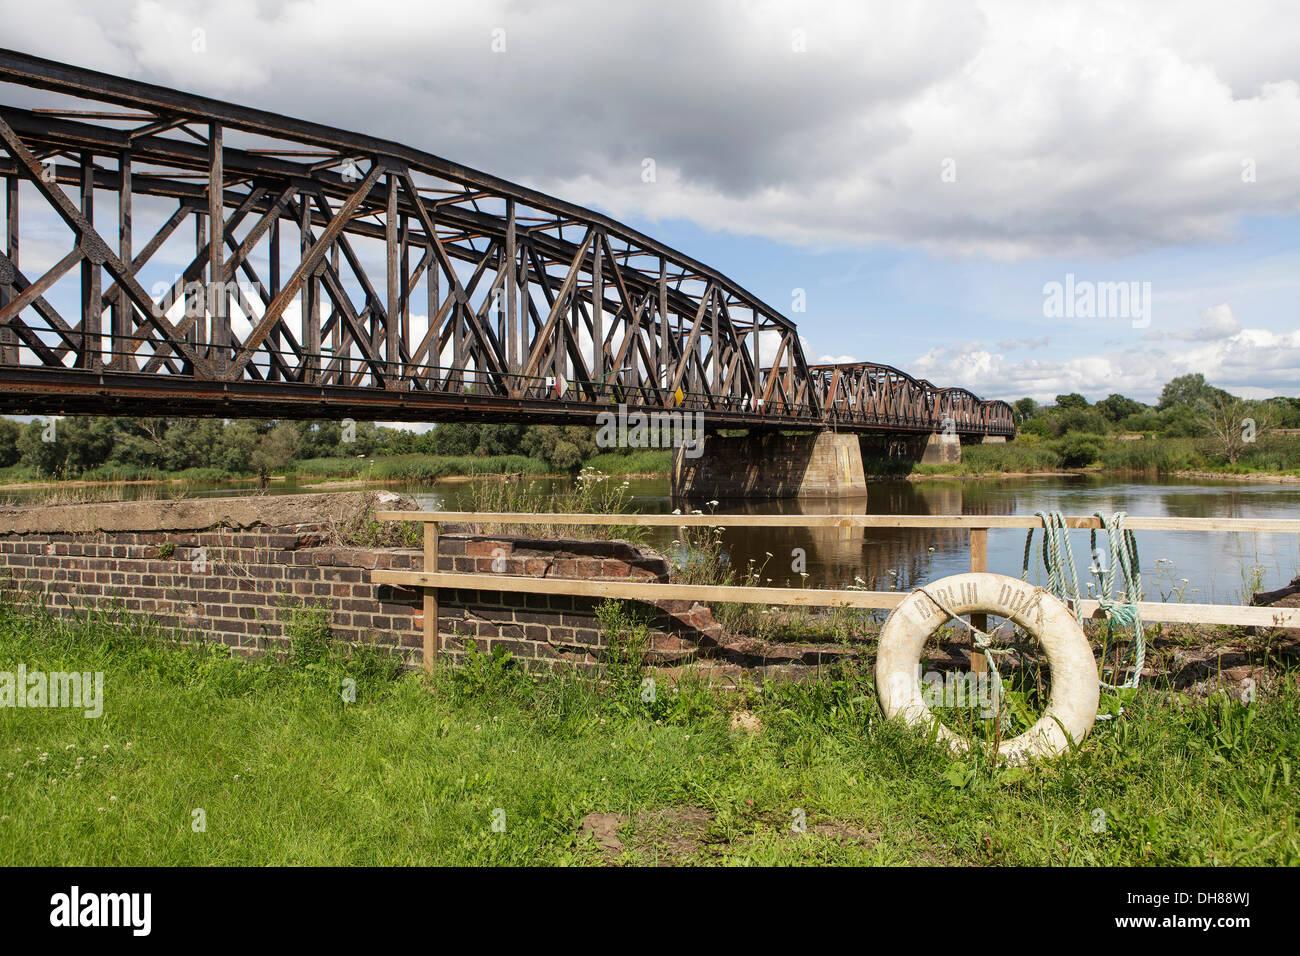 """Puente ferroviario sobre el río fronterizo Oder, frontera germano-polaca, a Kostrzyn Kuestrin, vida boya con la inscripción """"Berlín Imagen De Stock"""